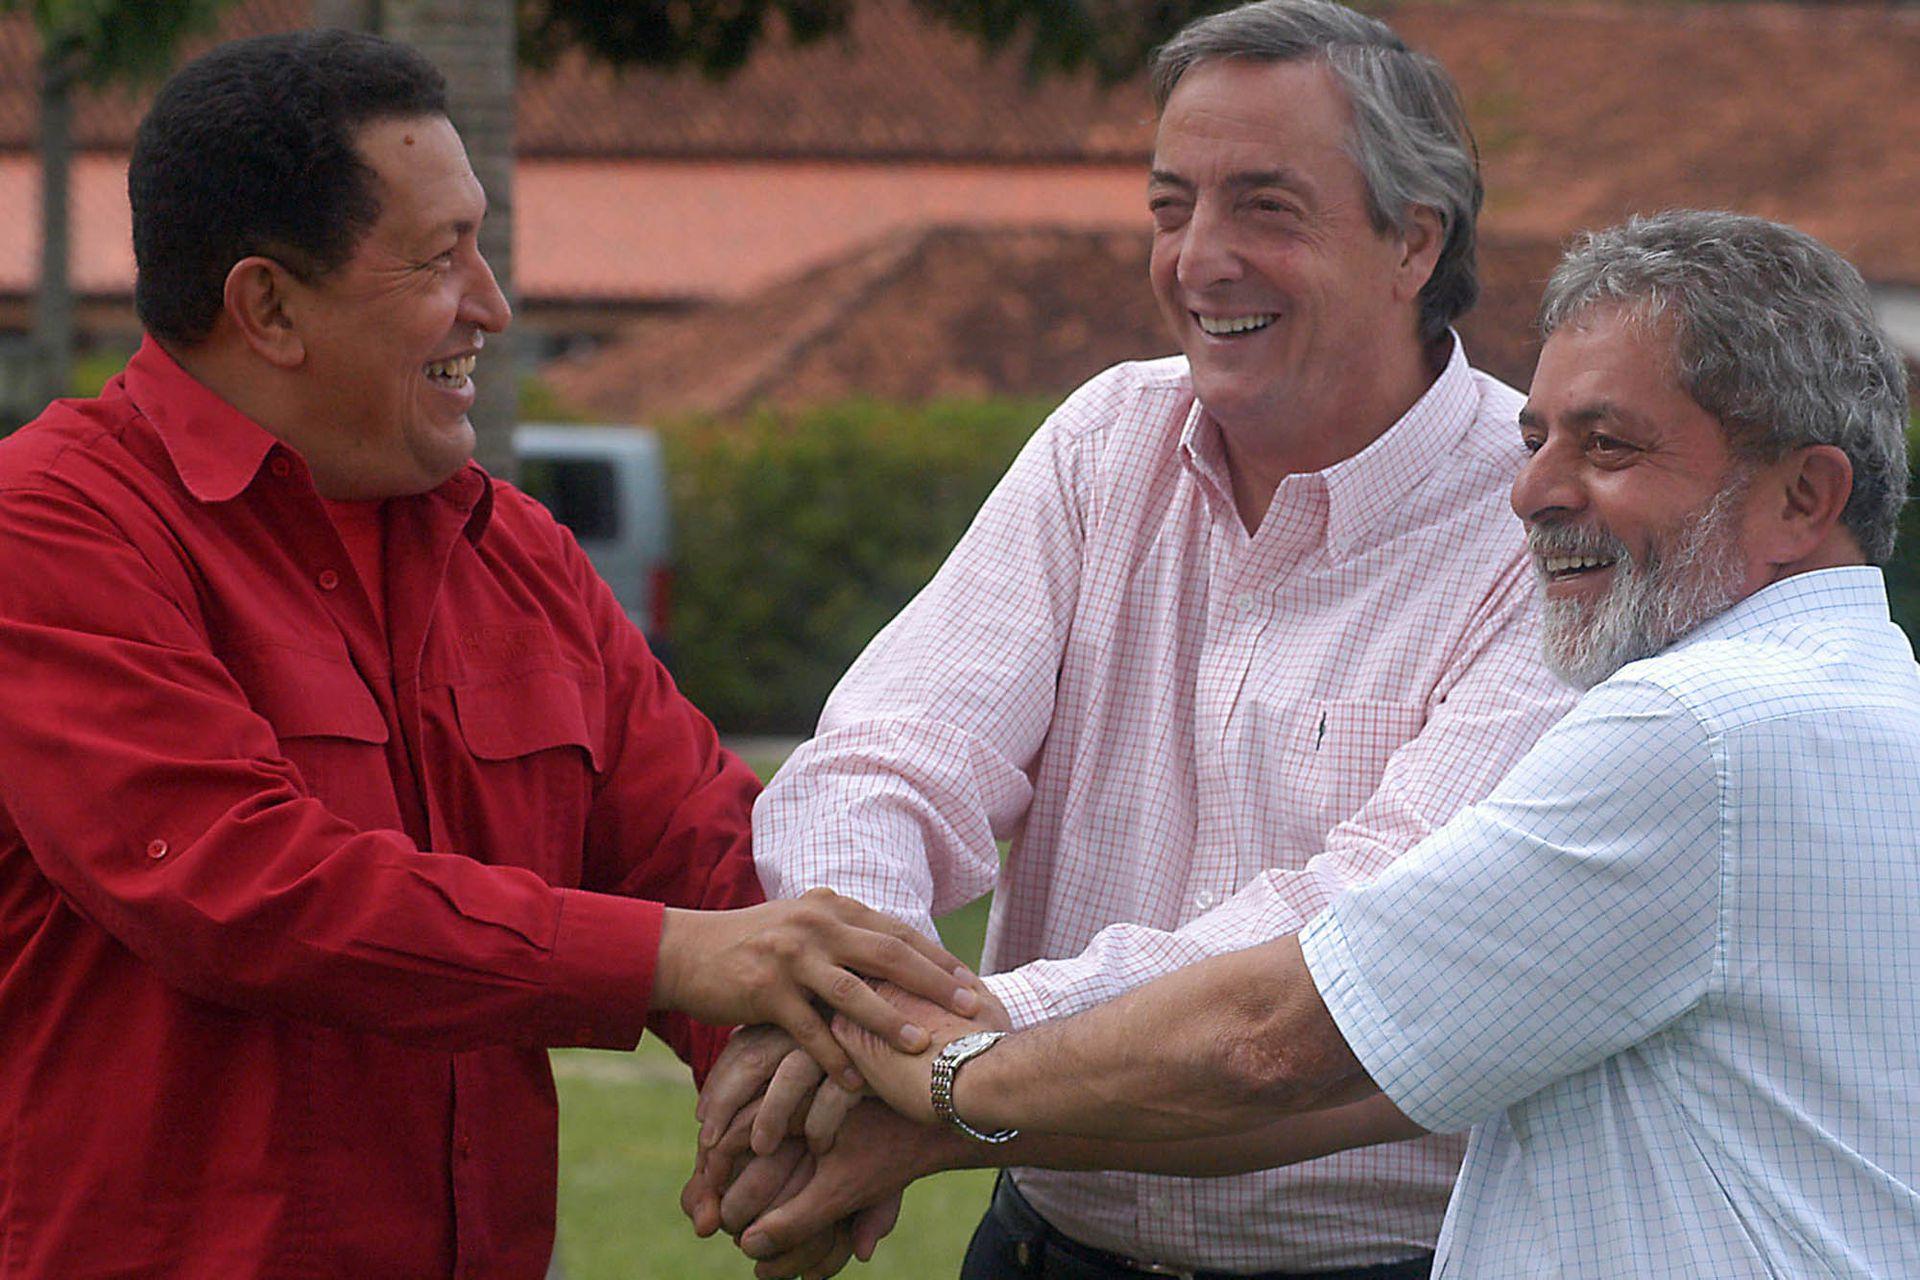 El 19 de enero de 2006 en Brasilia, Néstor Kirchner se saluda con Hugo Chávez y Lula da Silva